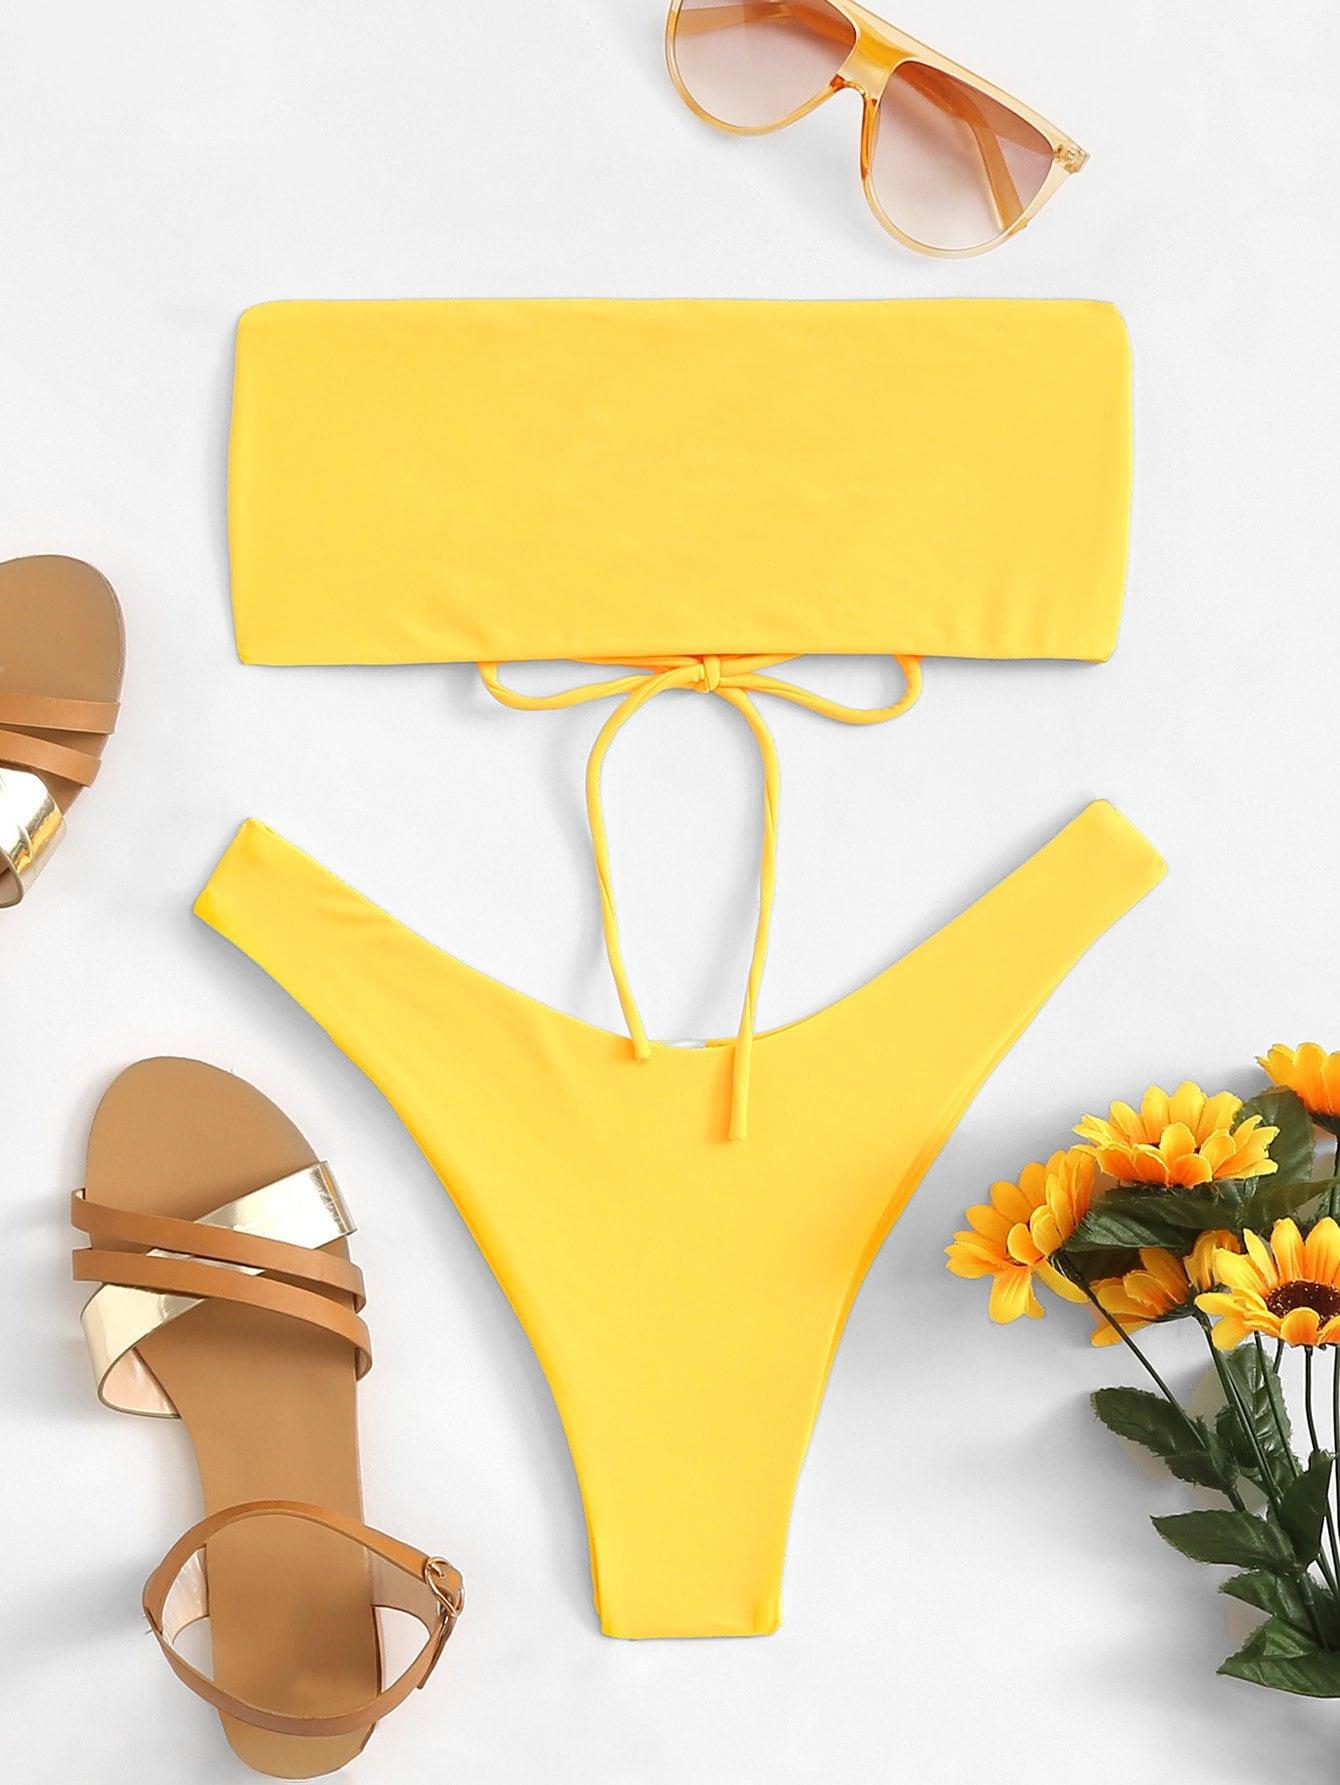 Купить Одноцветный со шнуровкой Бикини Желтый Купальник, null, SheIn